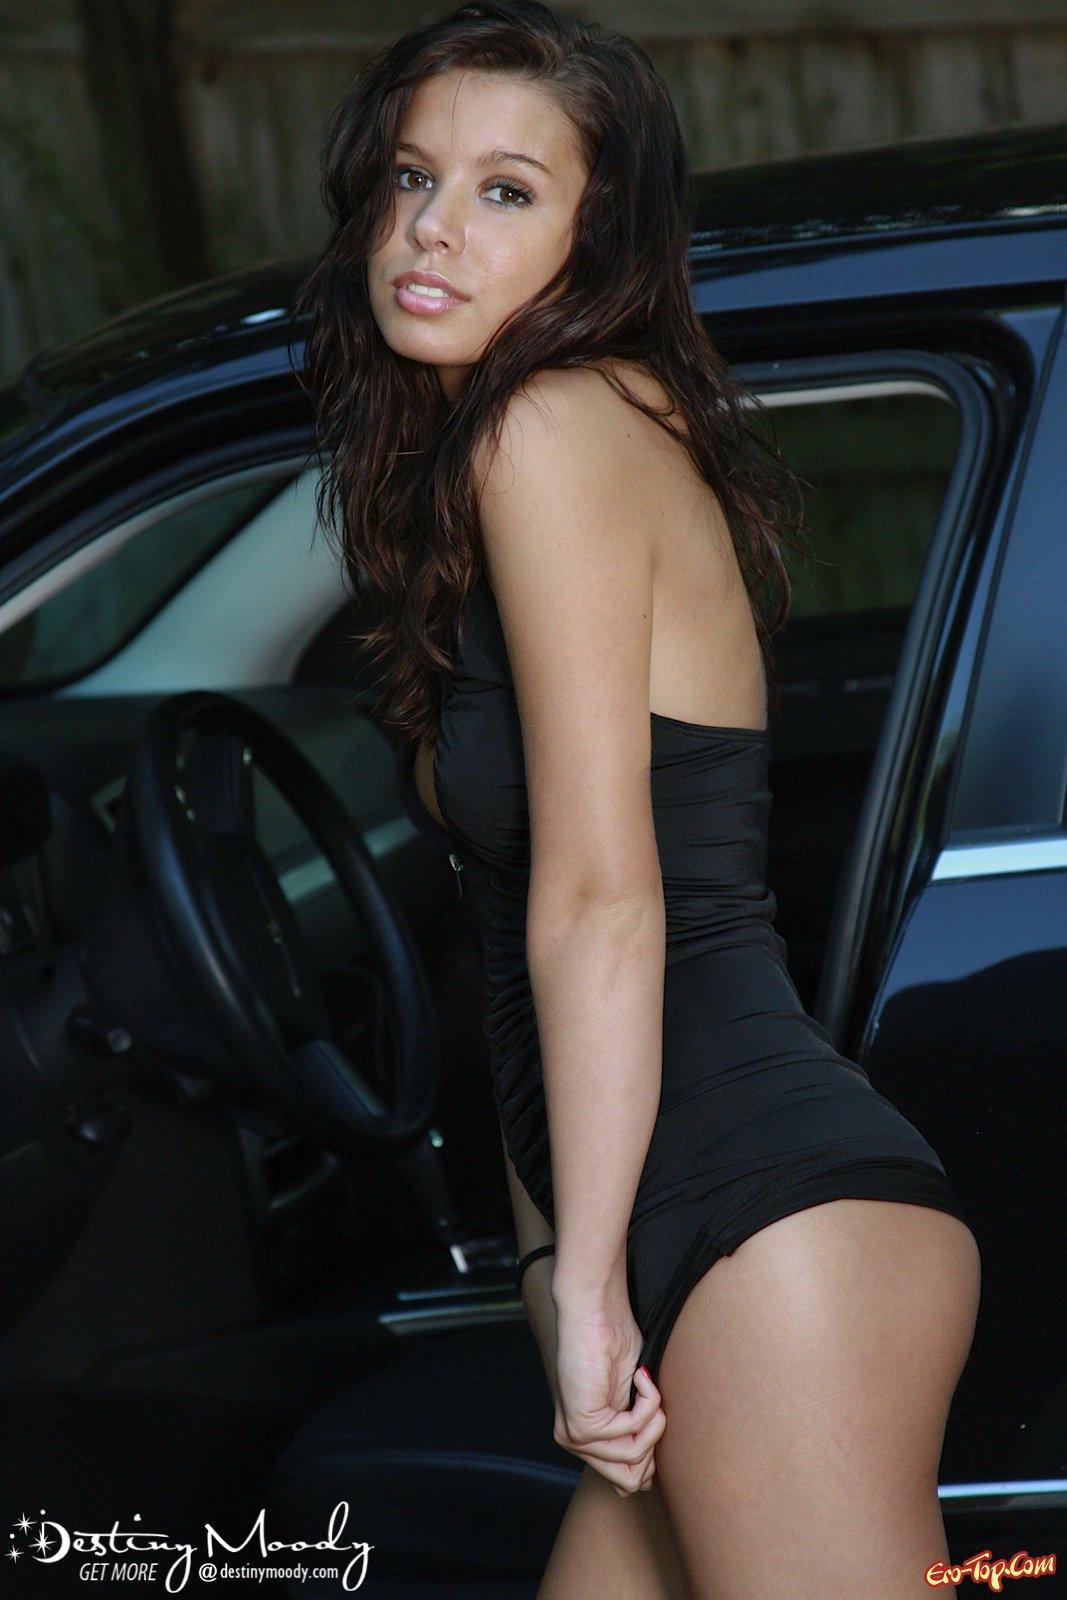 юбка секс картинки